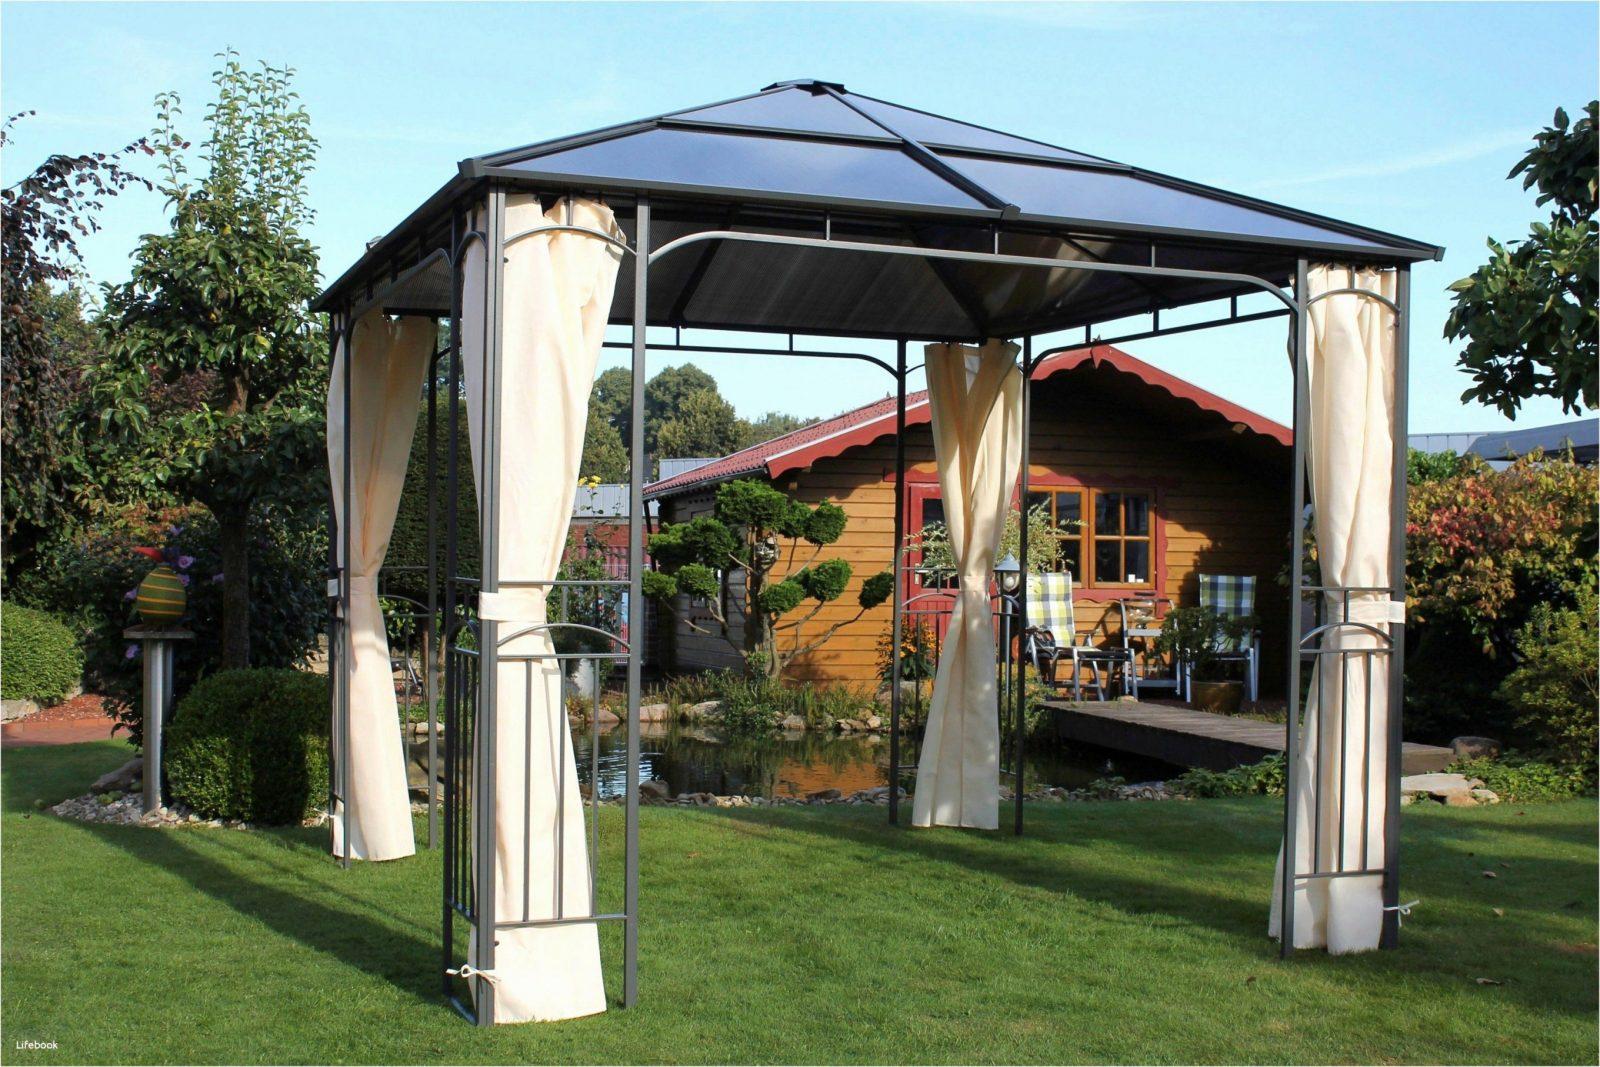 Ersatzdach Pavillon 4X4 Wasserdicht Ideen von Ersatzdach Pavillon 4X4 Wasserdicht Photo